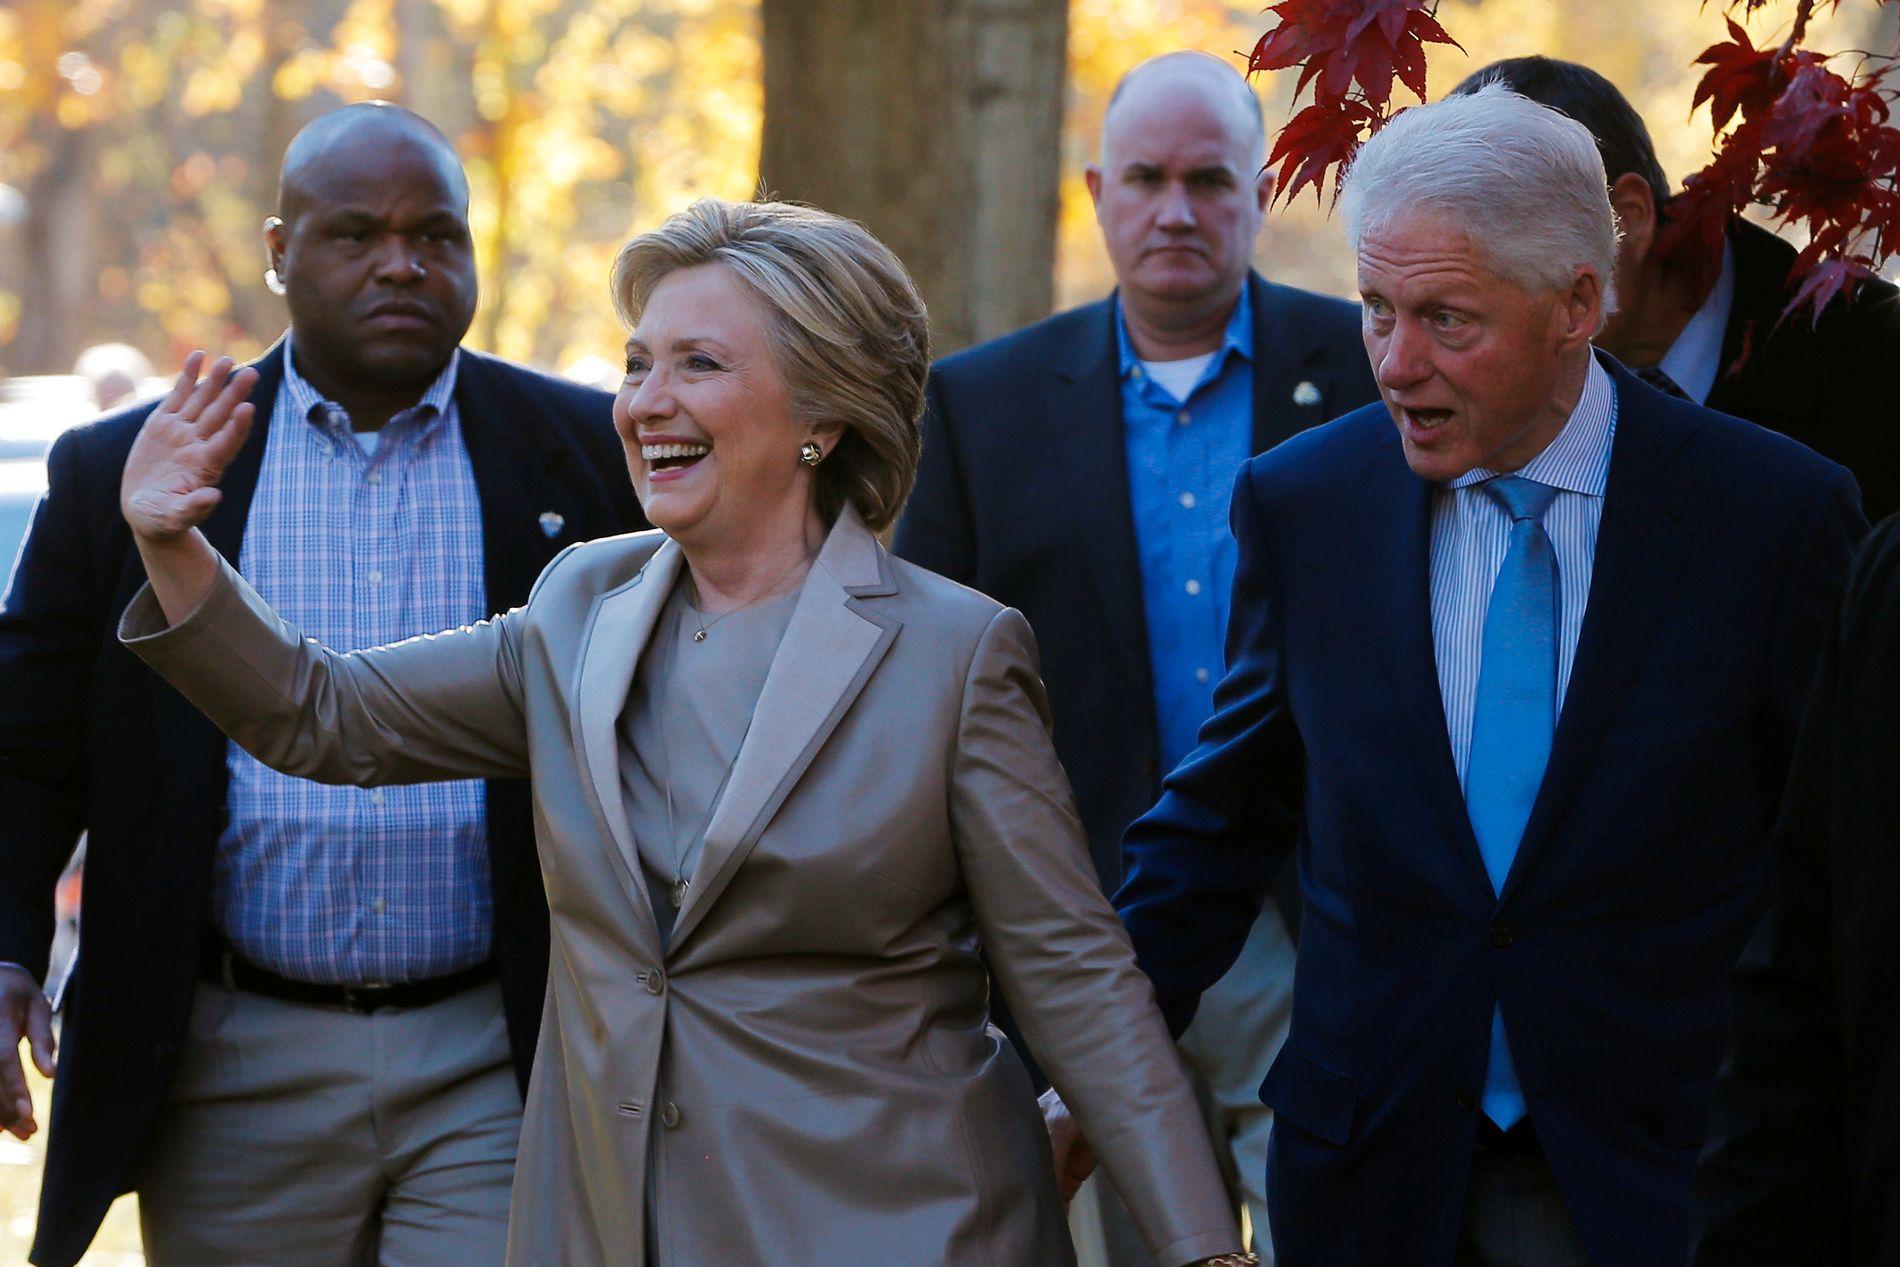 STEMT: Demokratenes presidentkandidat Hillary Clinton og ektemannen Bill Clinton like etter at de har stemt i presidentvalget.